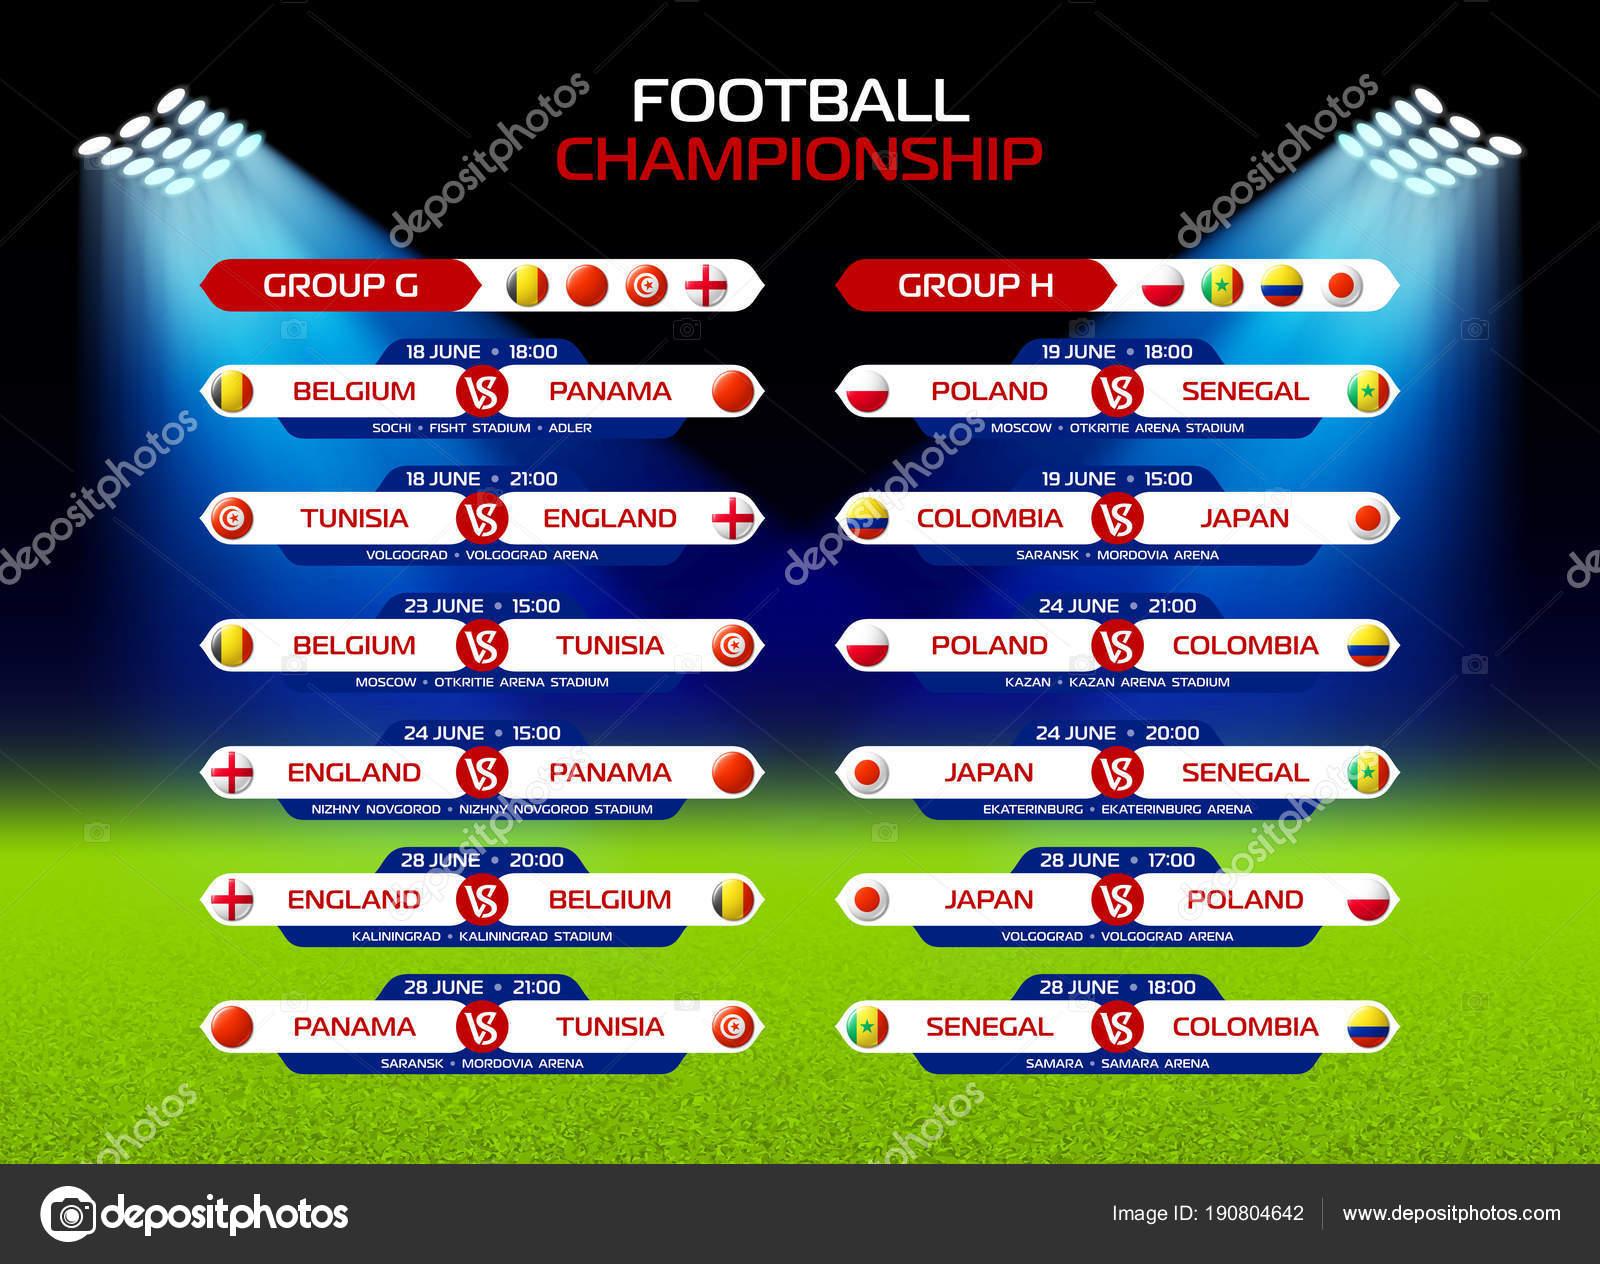 Calendario Campionato Di Calcio.Campionato Di Calcio Calendario Delle Partite Vettoriali